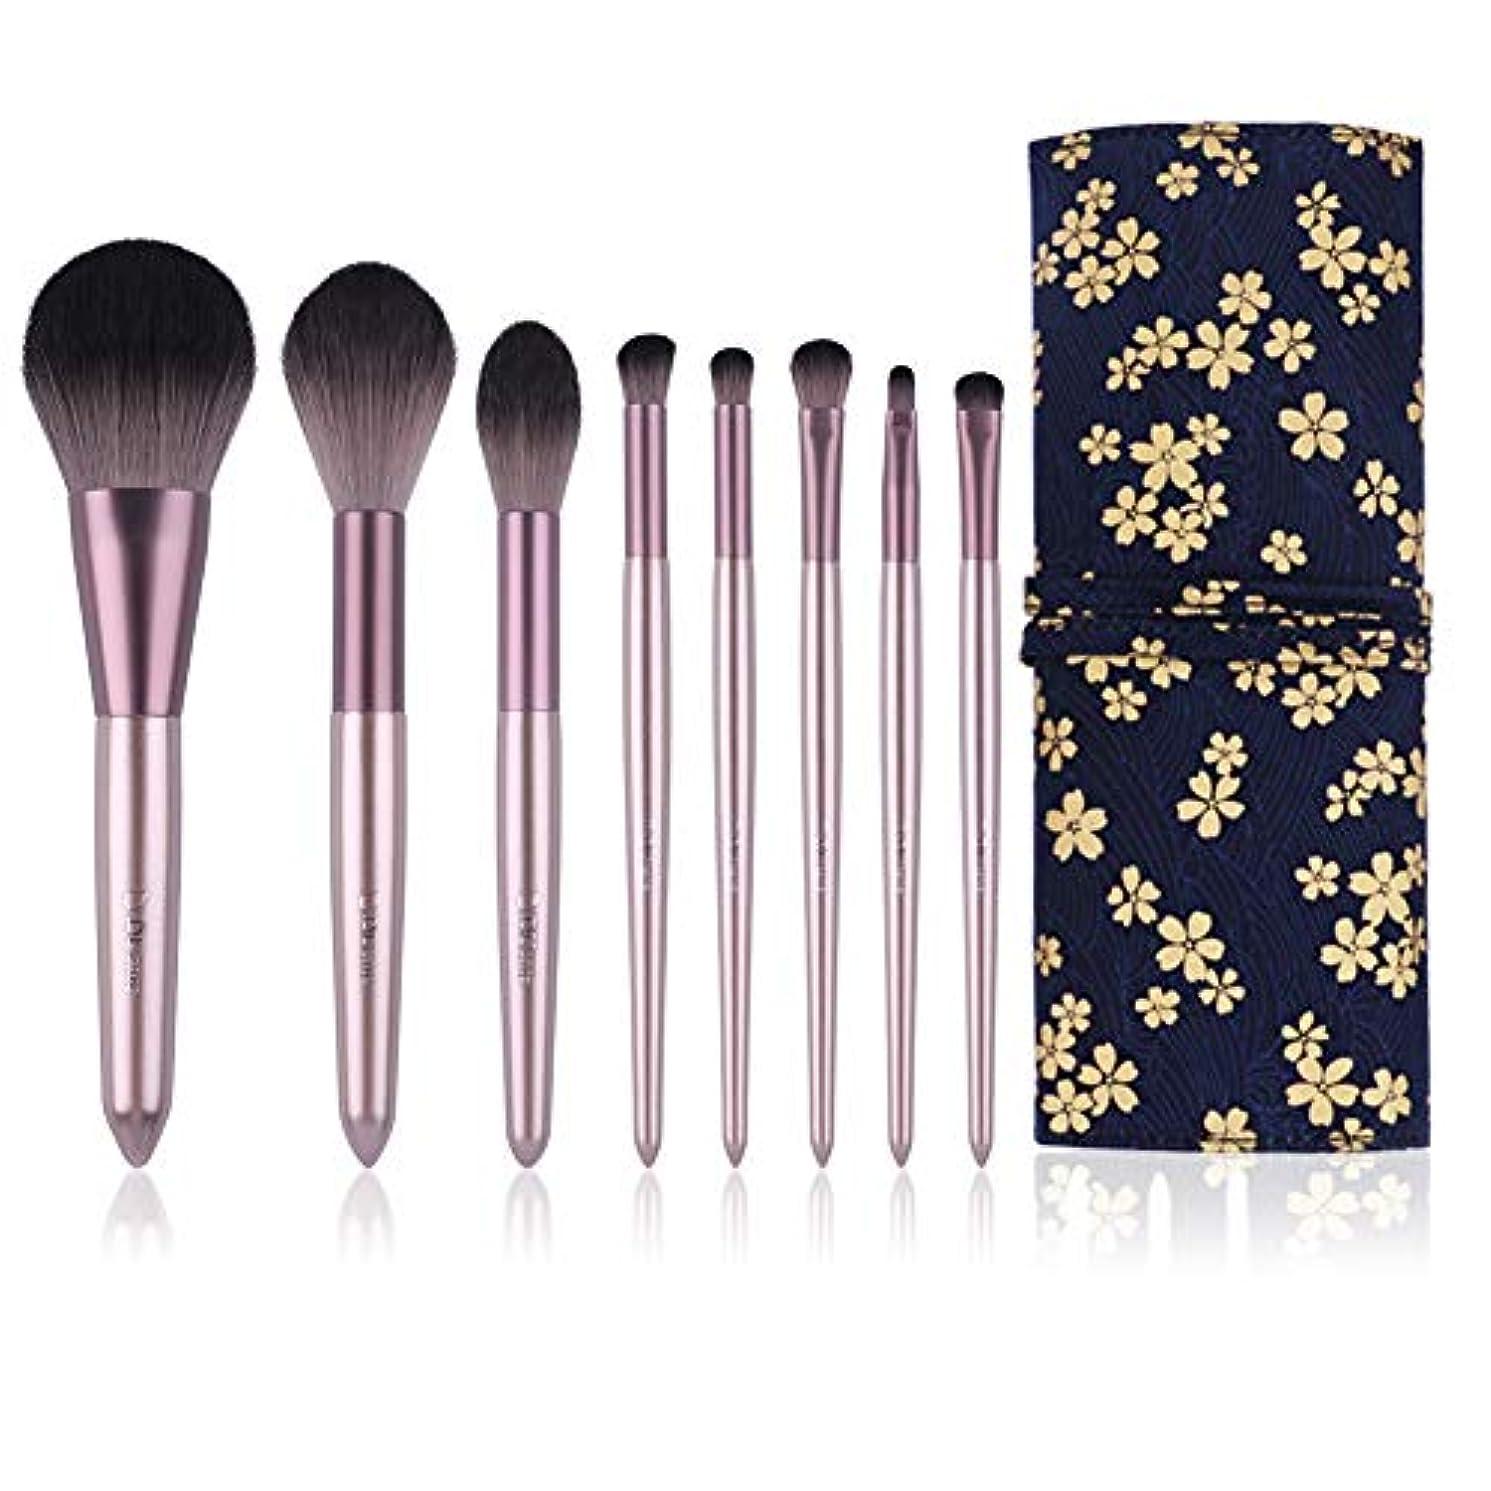 DUcare ドゥケア 化粧筆 メイクブラシ 8本セット 高級タクロンを使用 和風収納ポーチ付き